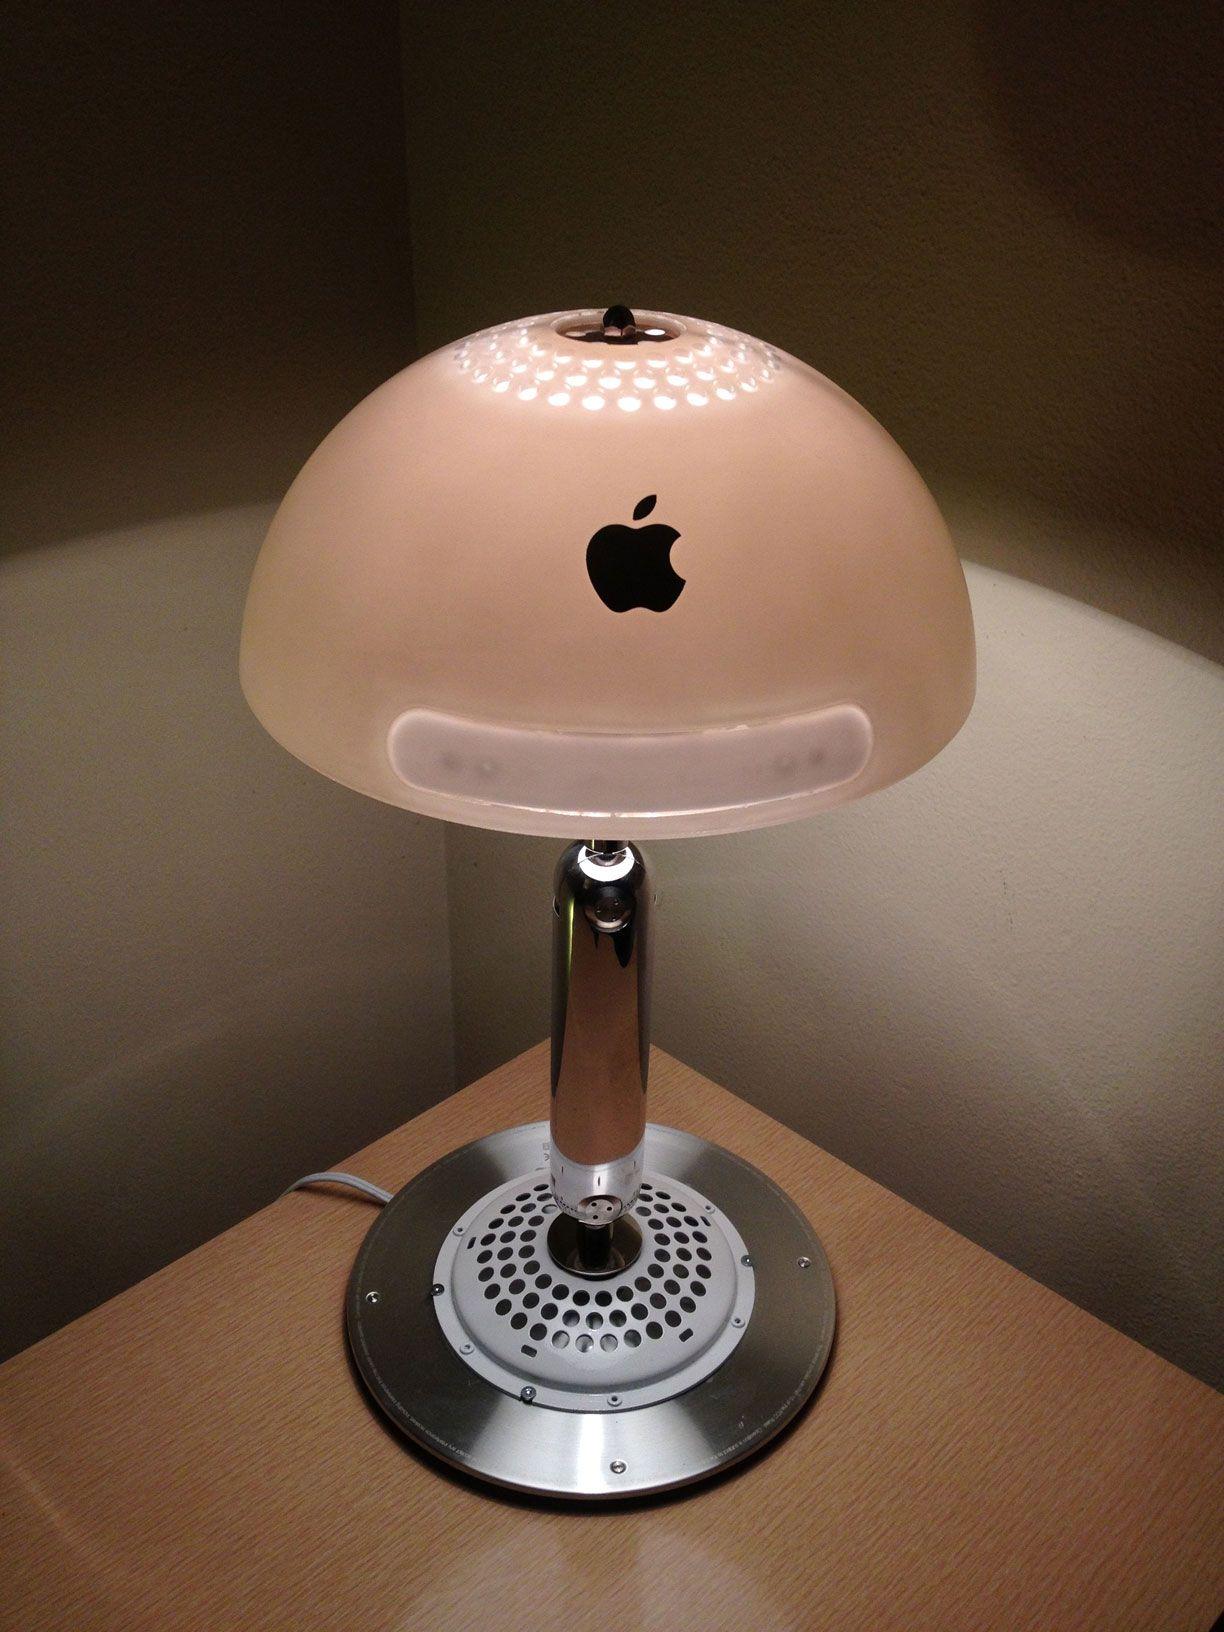 Pin On Apple Tech No